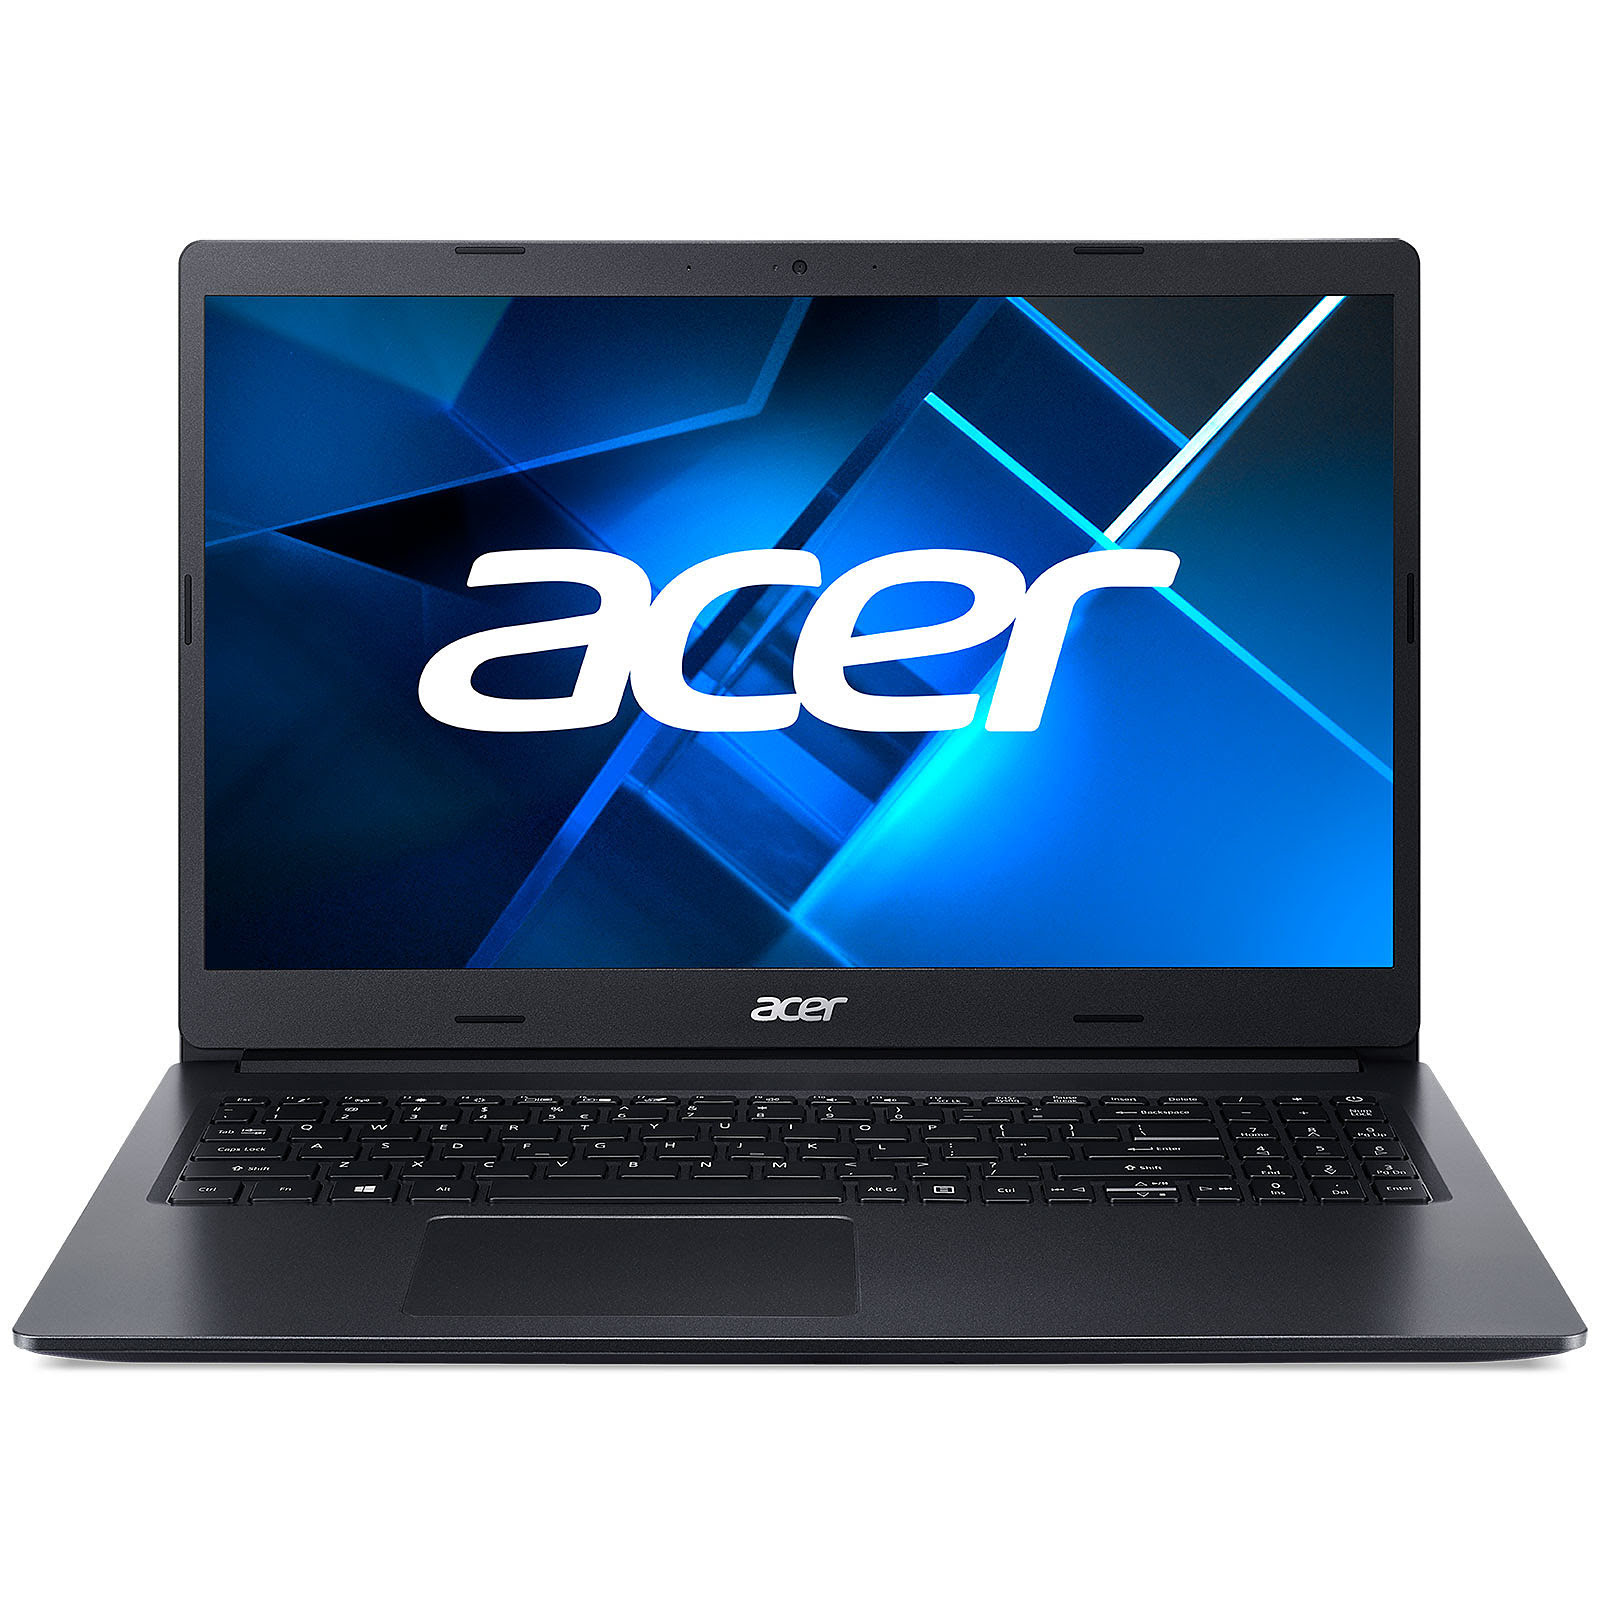 Acer NX.EG9EF.001 - PC portable Acer - Cybertek.fr - 3